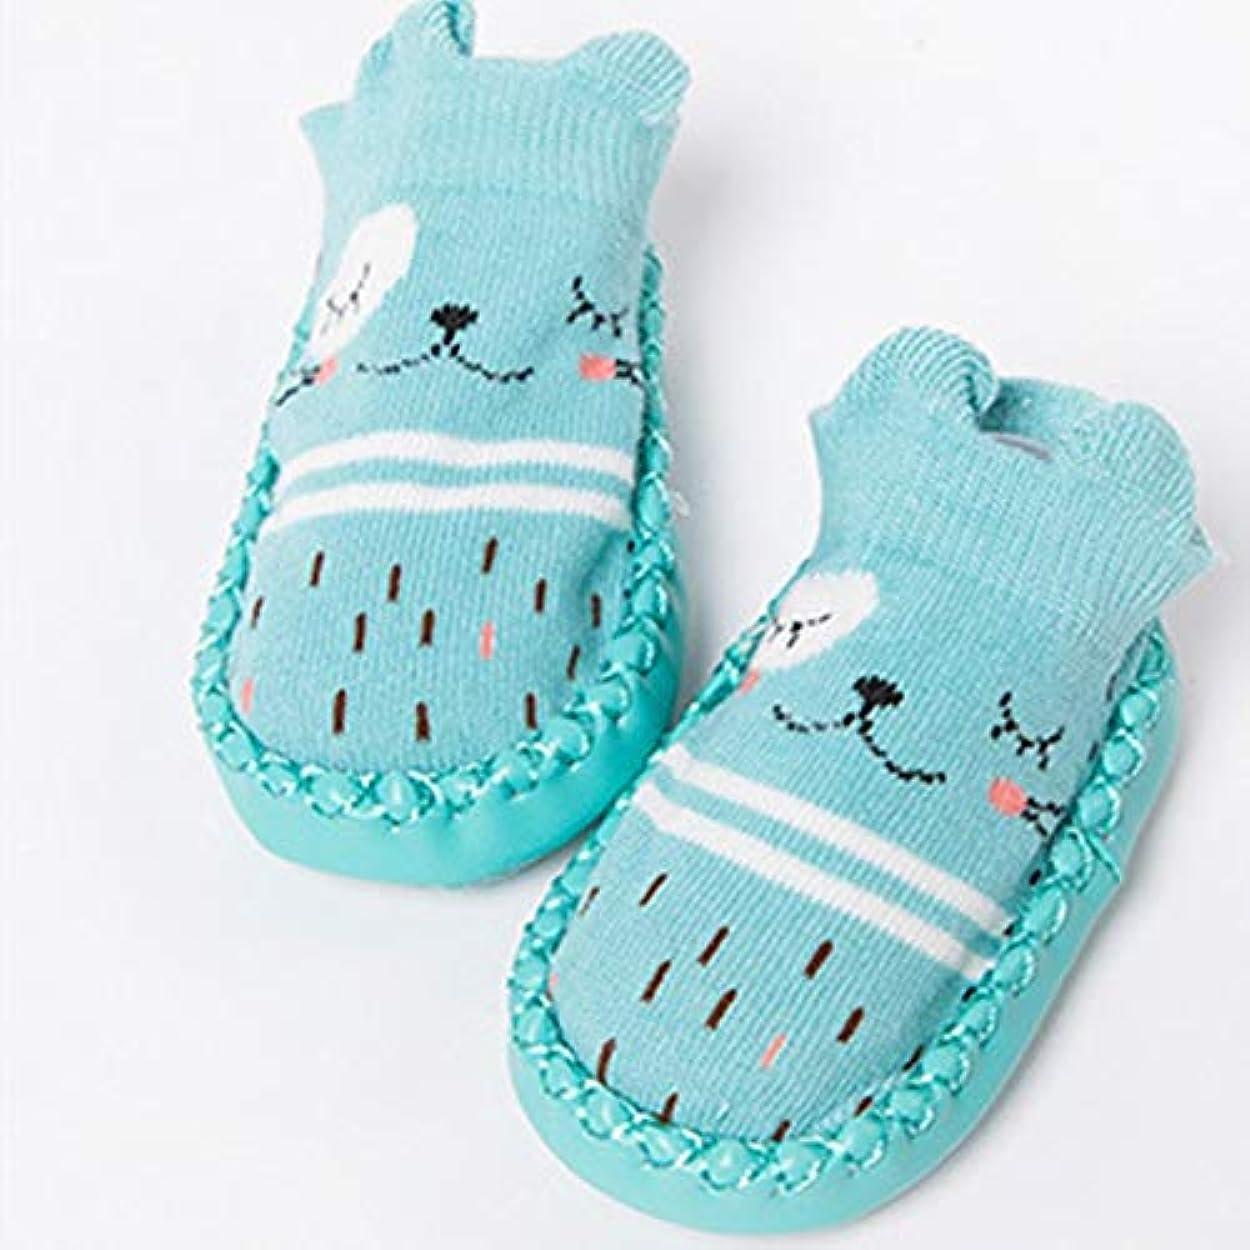 大脳慢な家主かわいい漫画の赤ちゃんの靴下通気性の柔らかい綿の靴下靴幼児のための滑り止めの床の靴下の女の子の男の子の靴下ブーツブルー